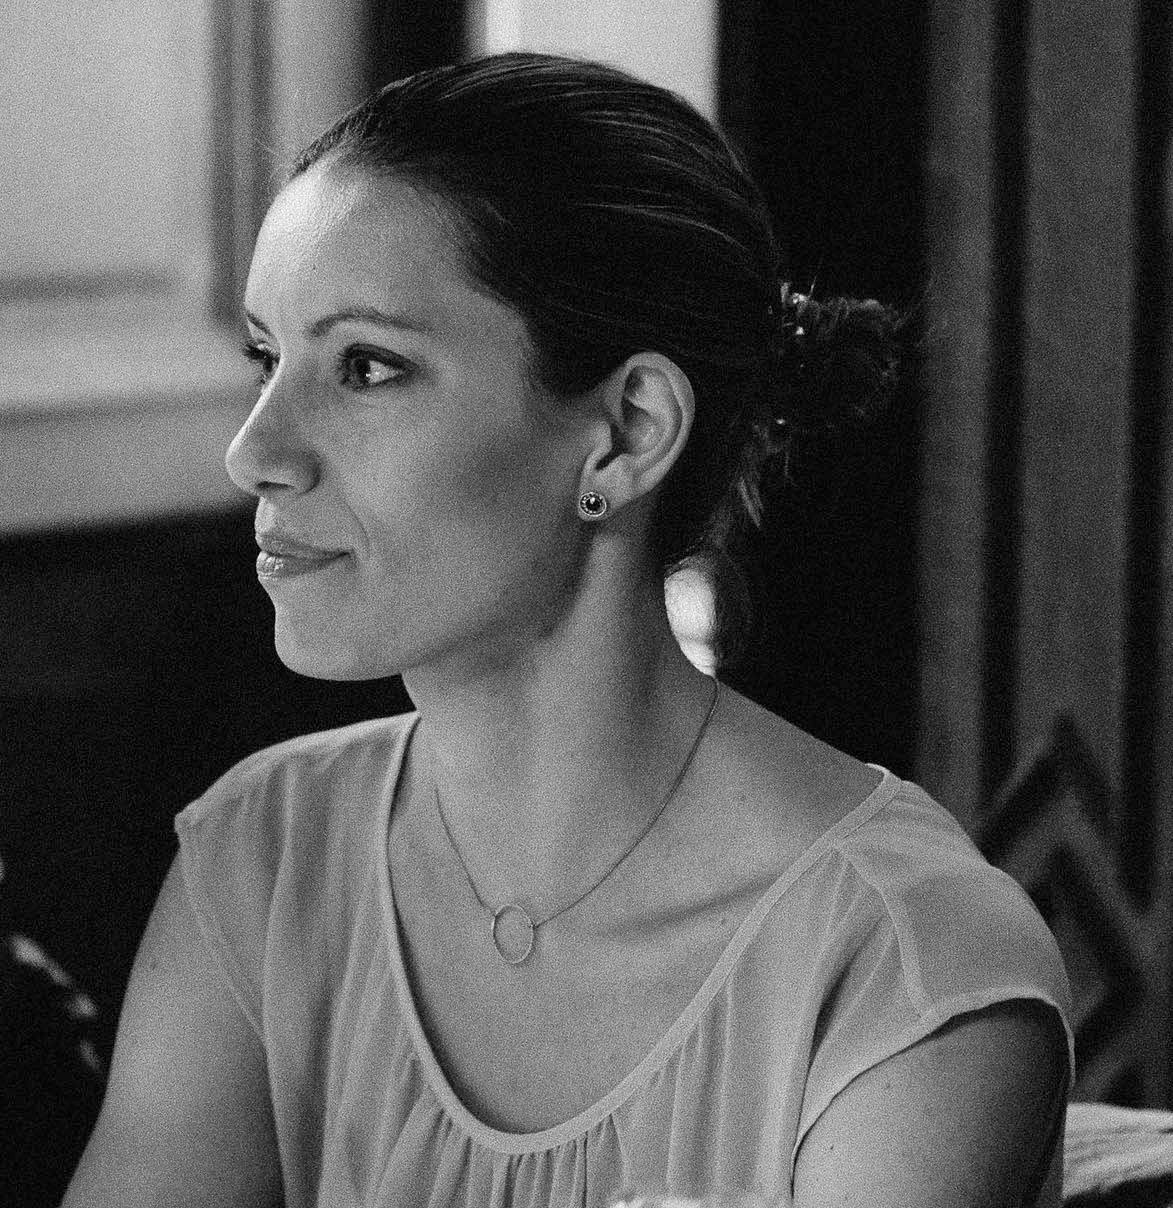 Barbara Lehner (c) Melanie Nedleko